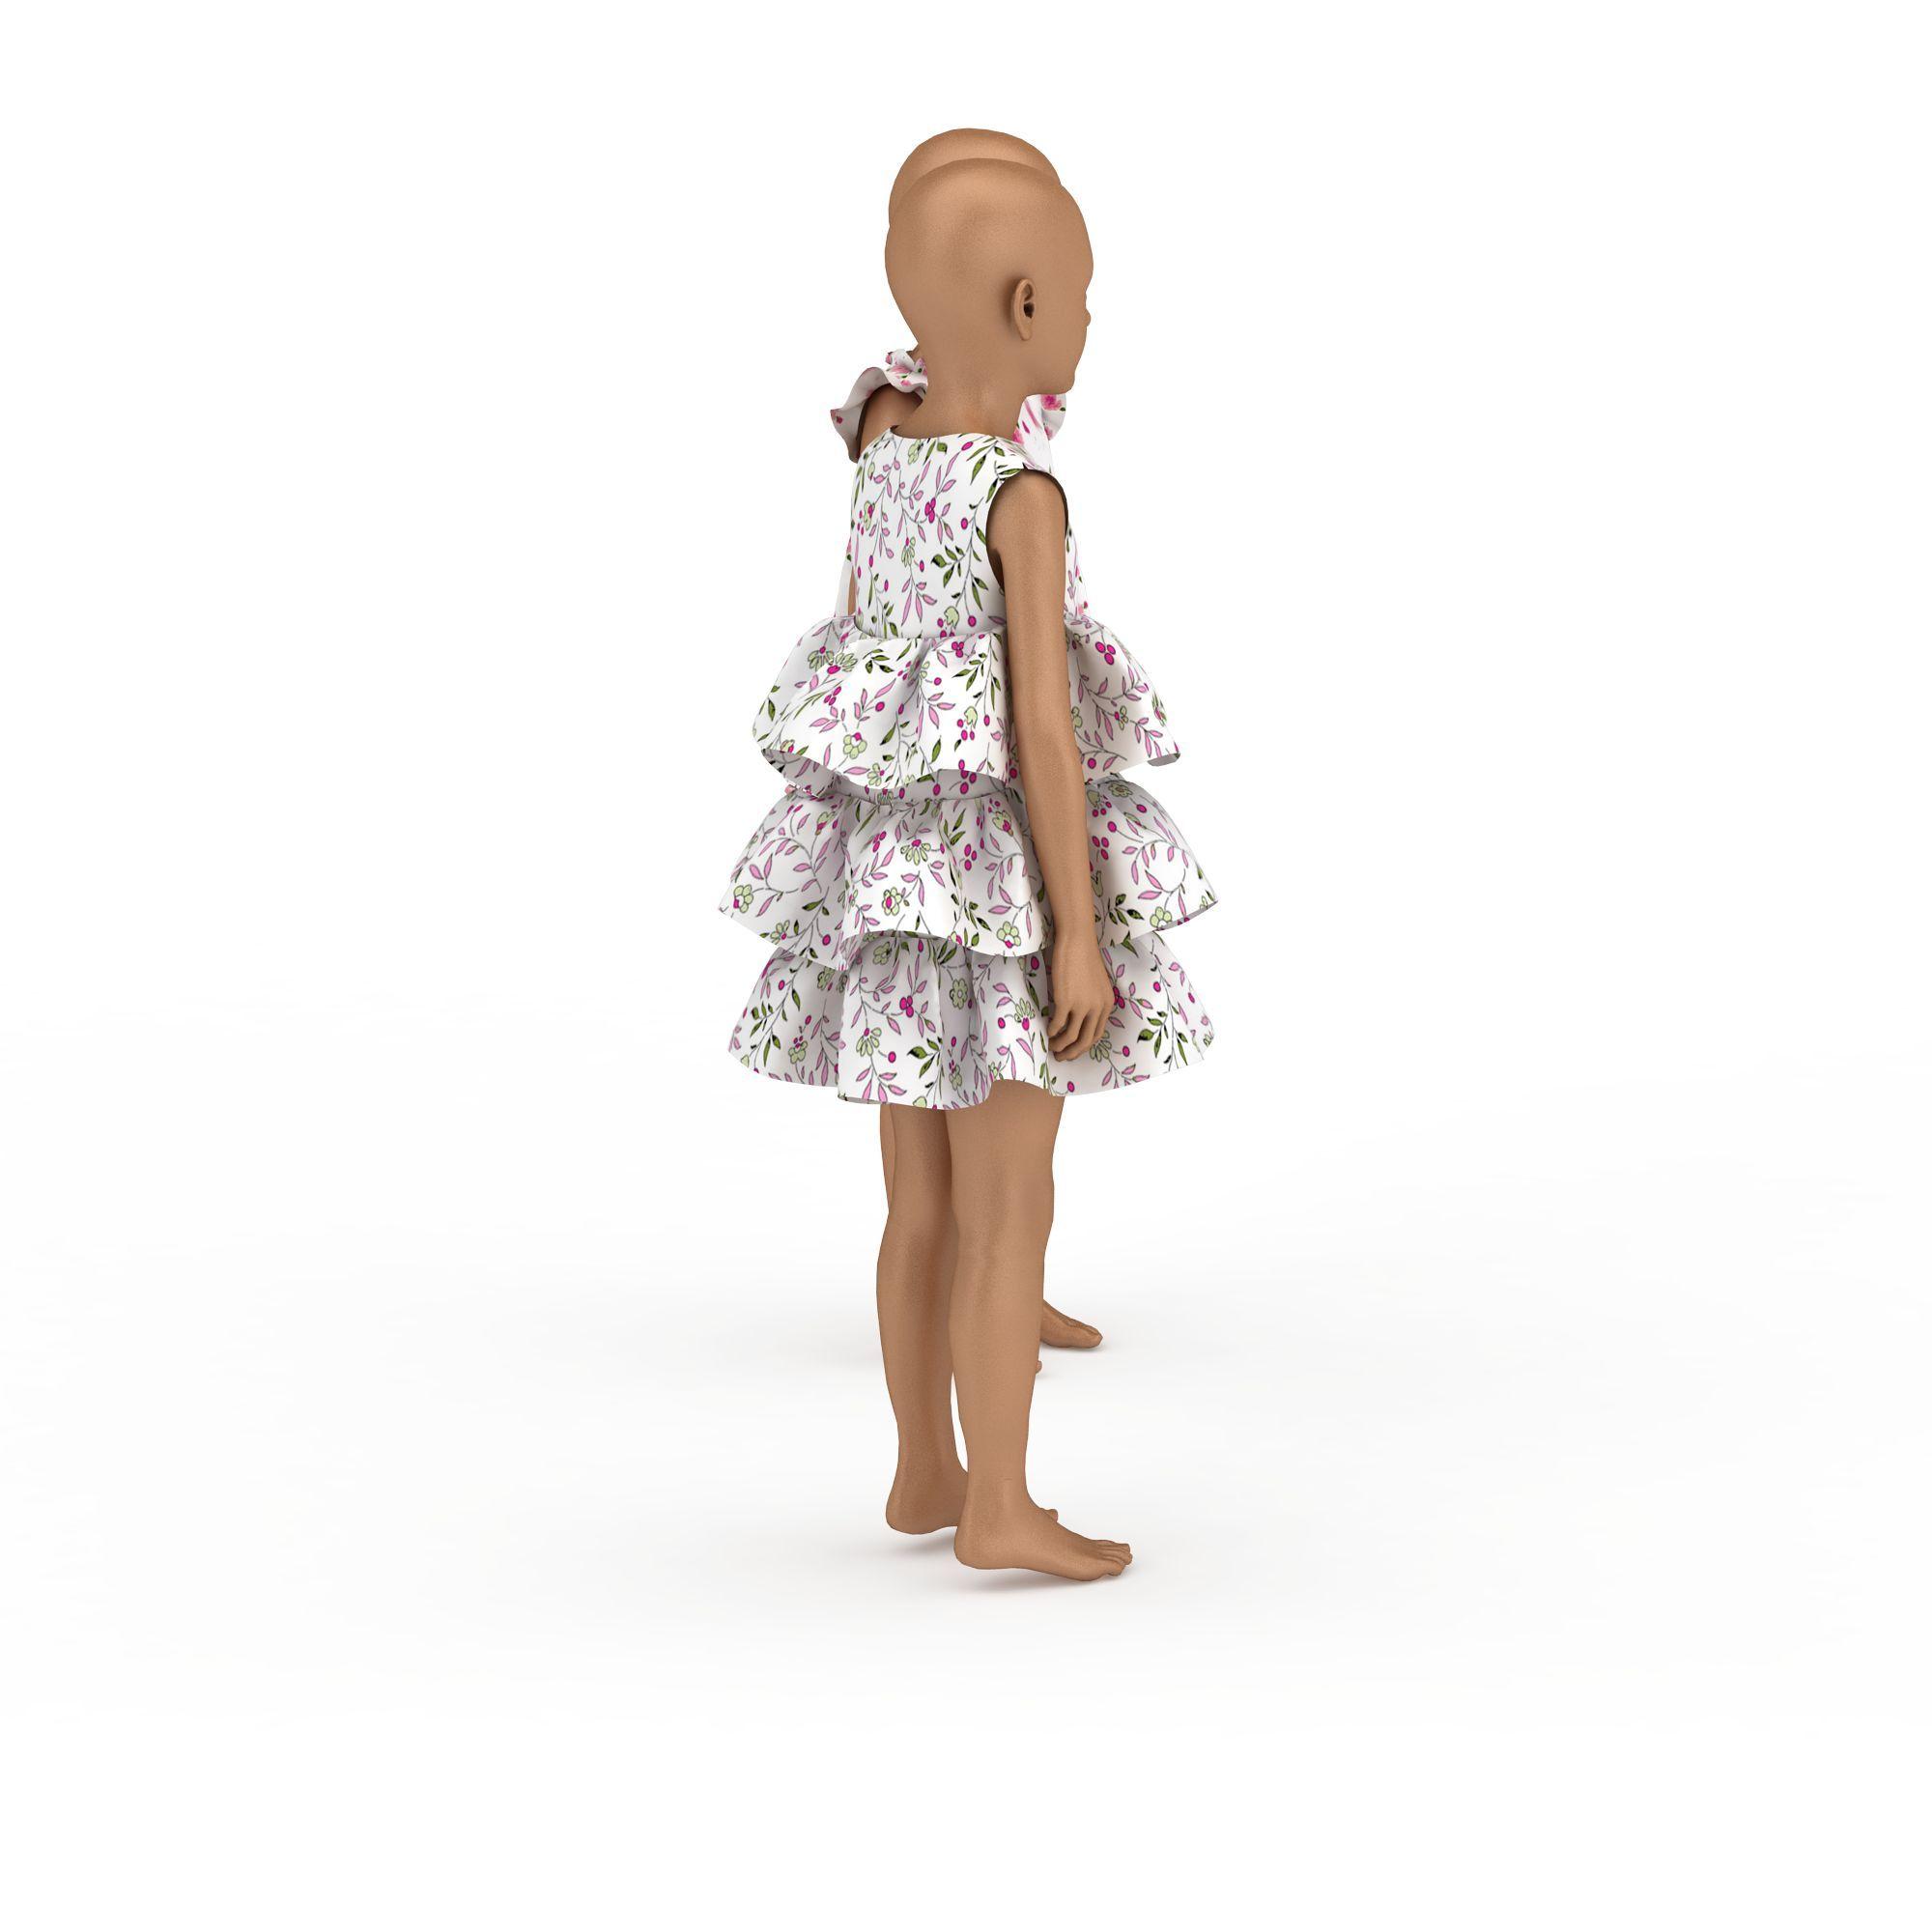 商场儿童模特高清图下载